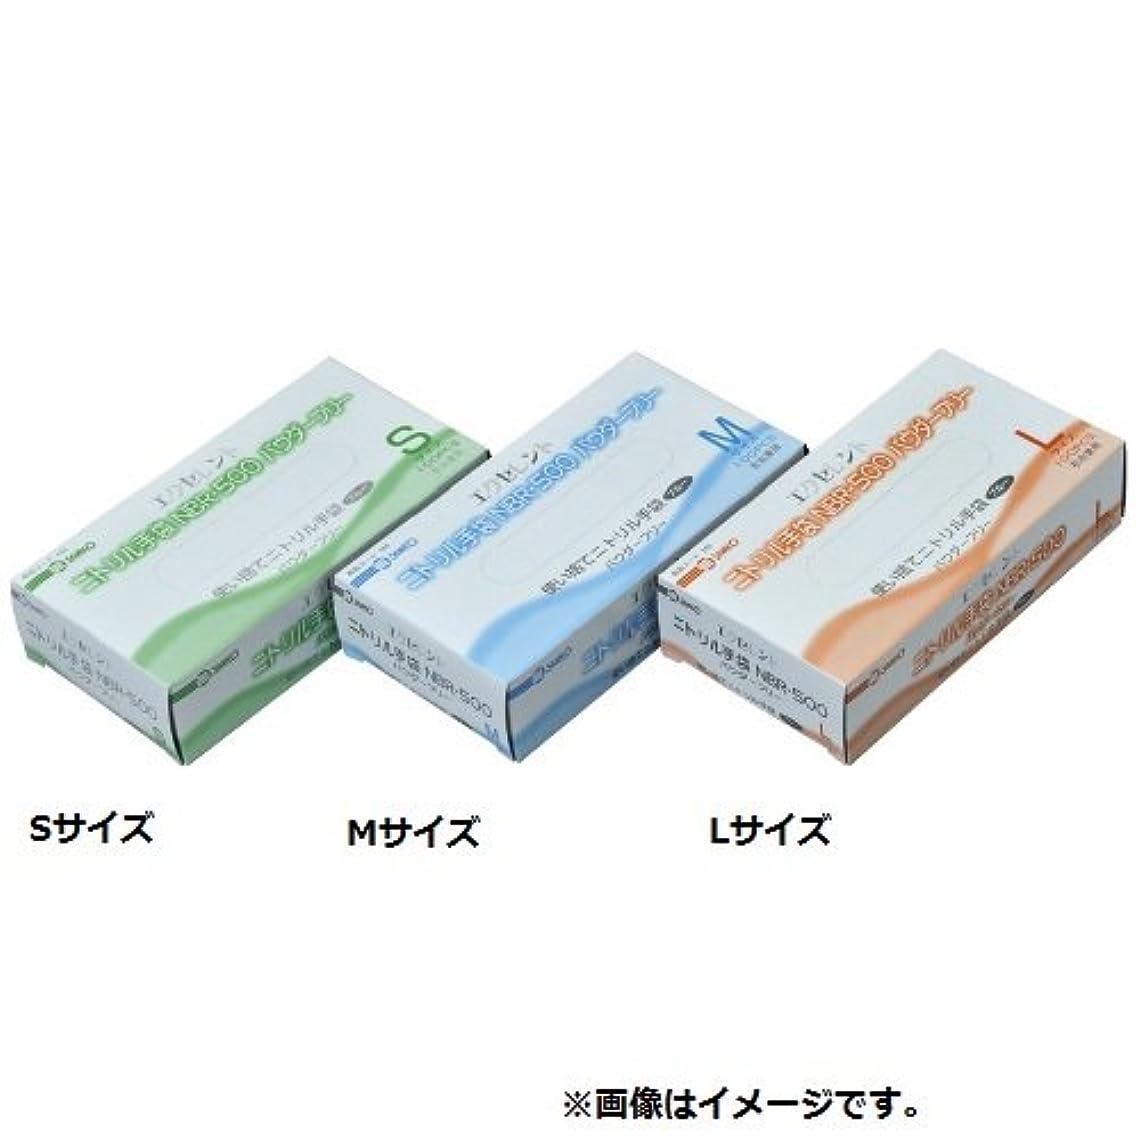 マイクロフォン誰が磁気エクセレントニトリル手袋NBR-500パウダーフリー M カラー:ブルー 入数:1箱(100枚)